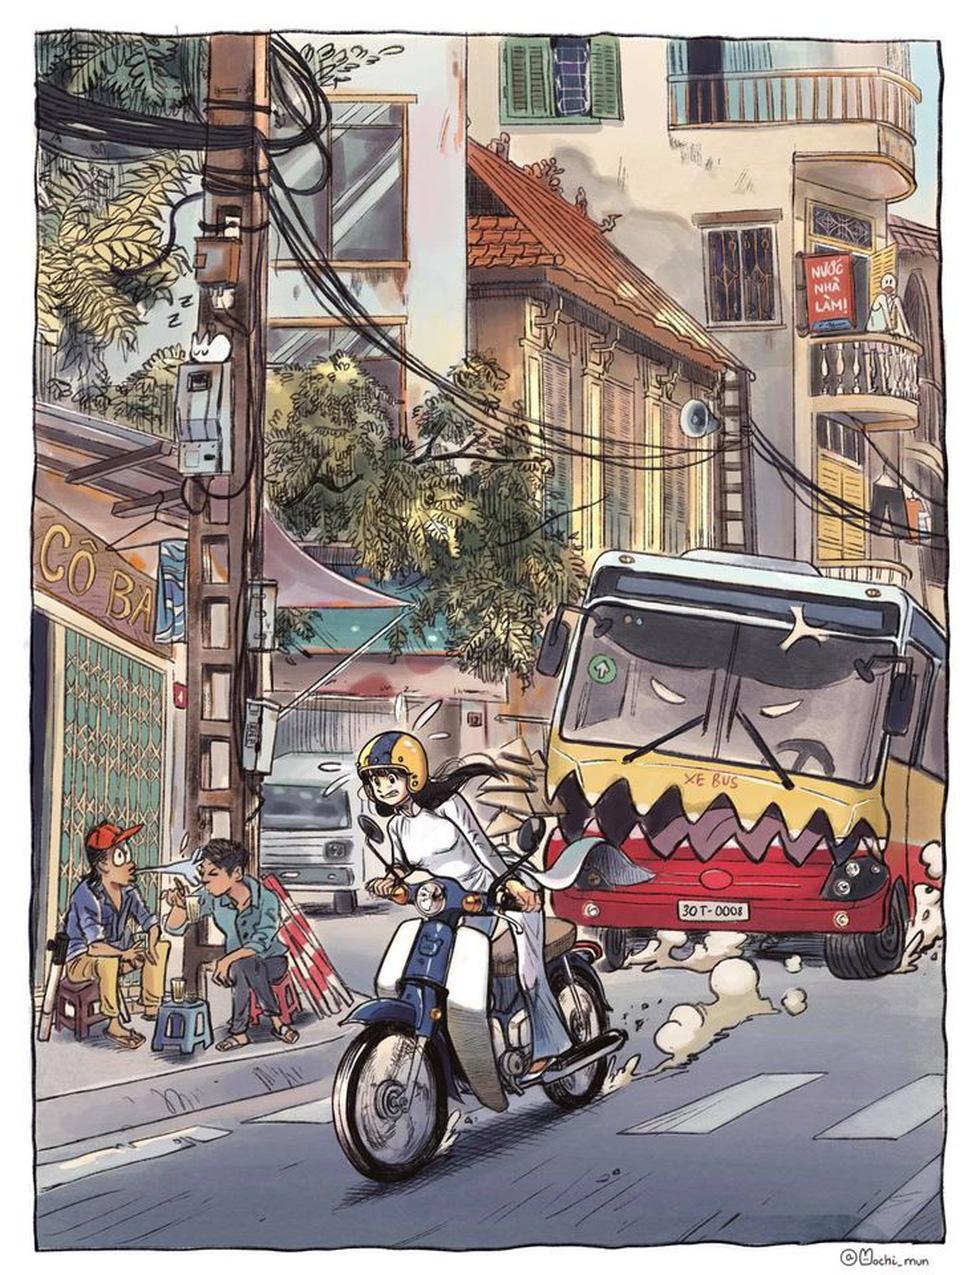 Vietnam Reimagined: Đến xem người trẻ đang tái tưởng tượng về đất nước như thế nào? - Ảnh 11.